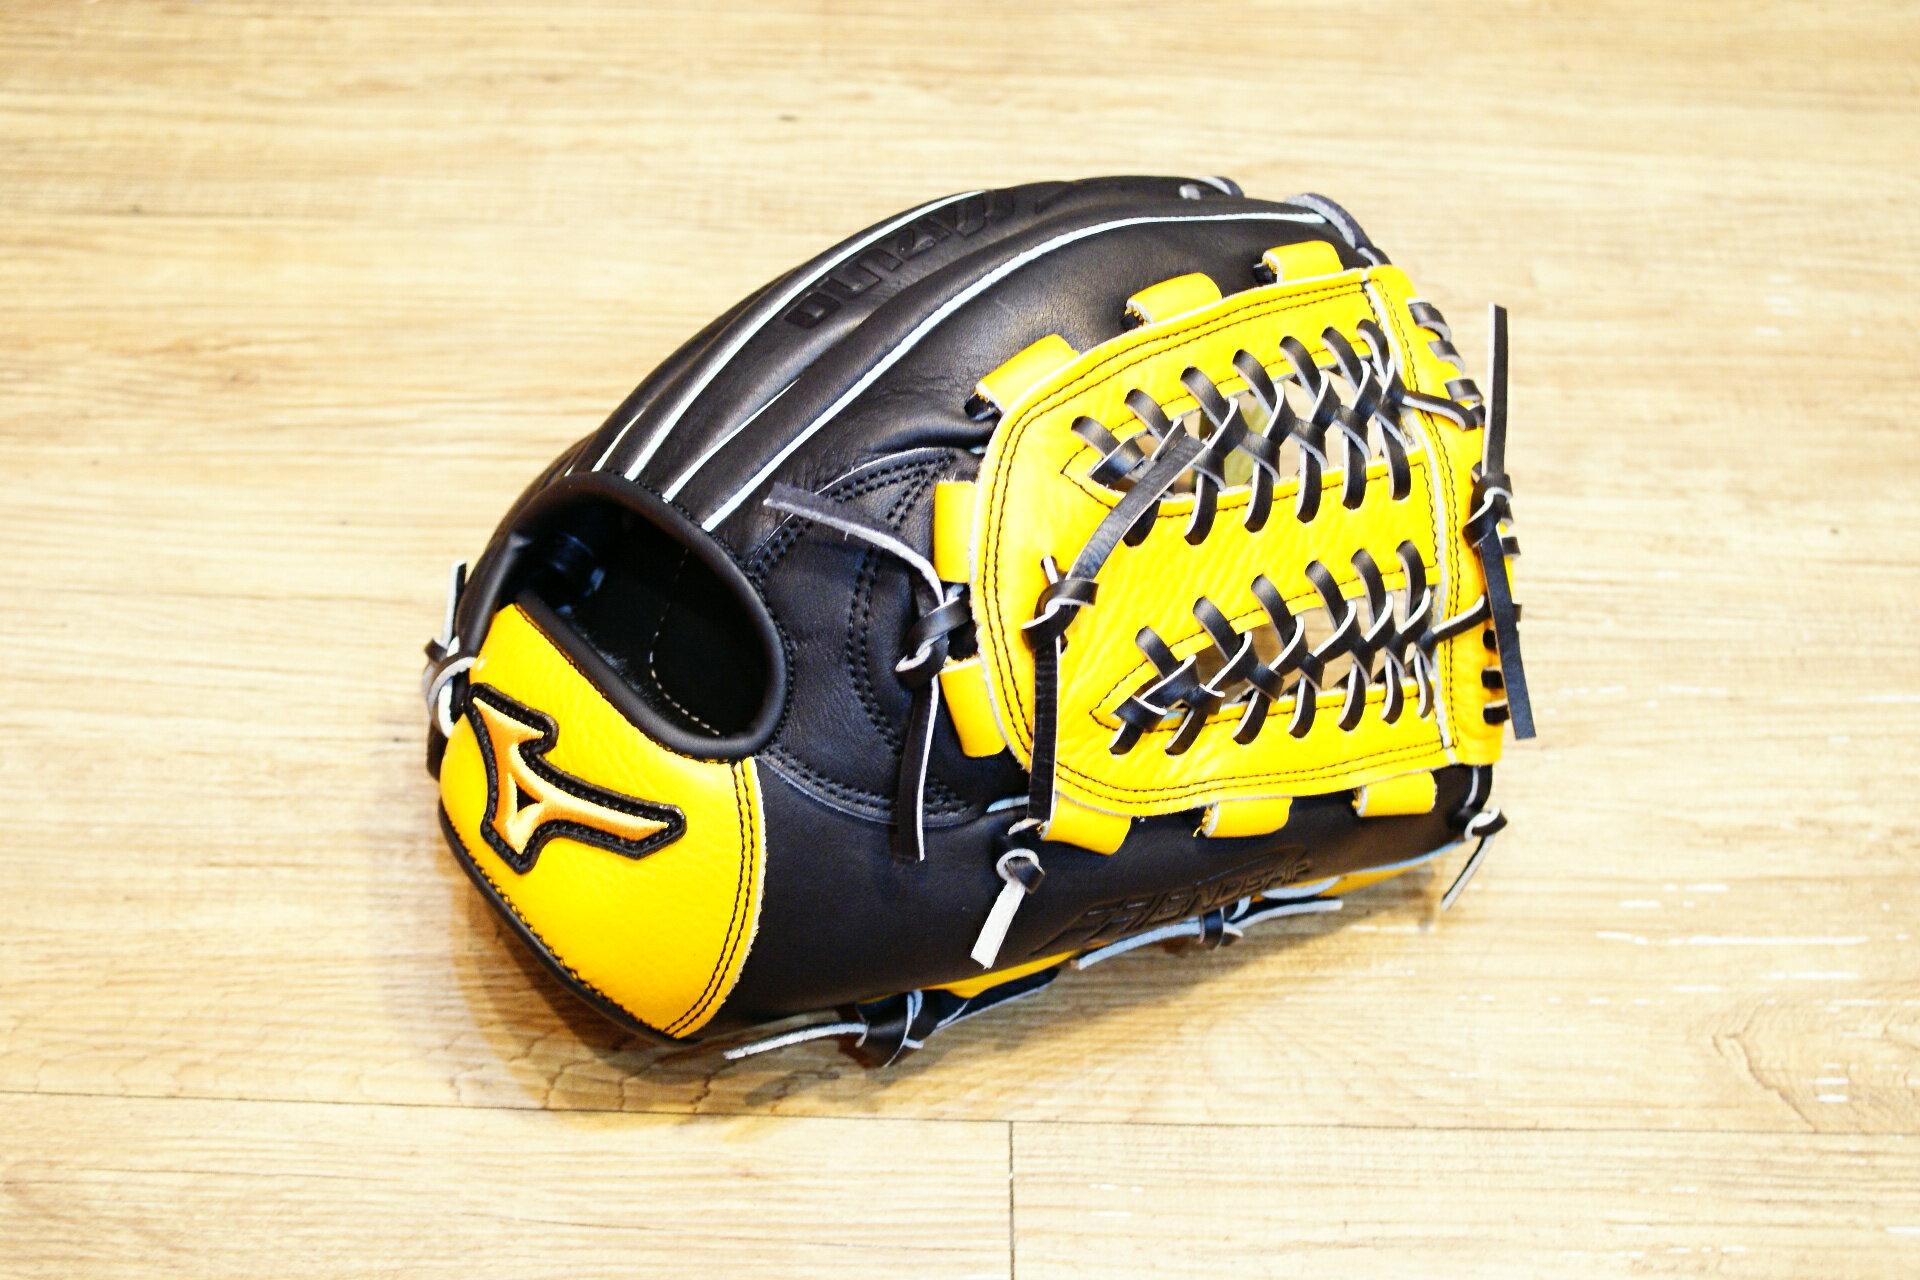 棒球世界 Mizuno 美津濃 FRIEND SHIP 壘球手套 1ATGS50870 特價黑原皮色 內網